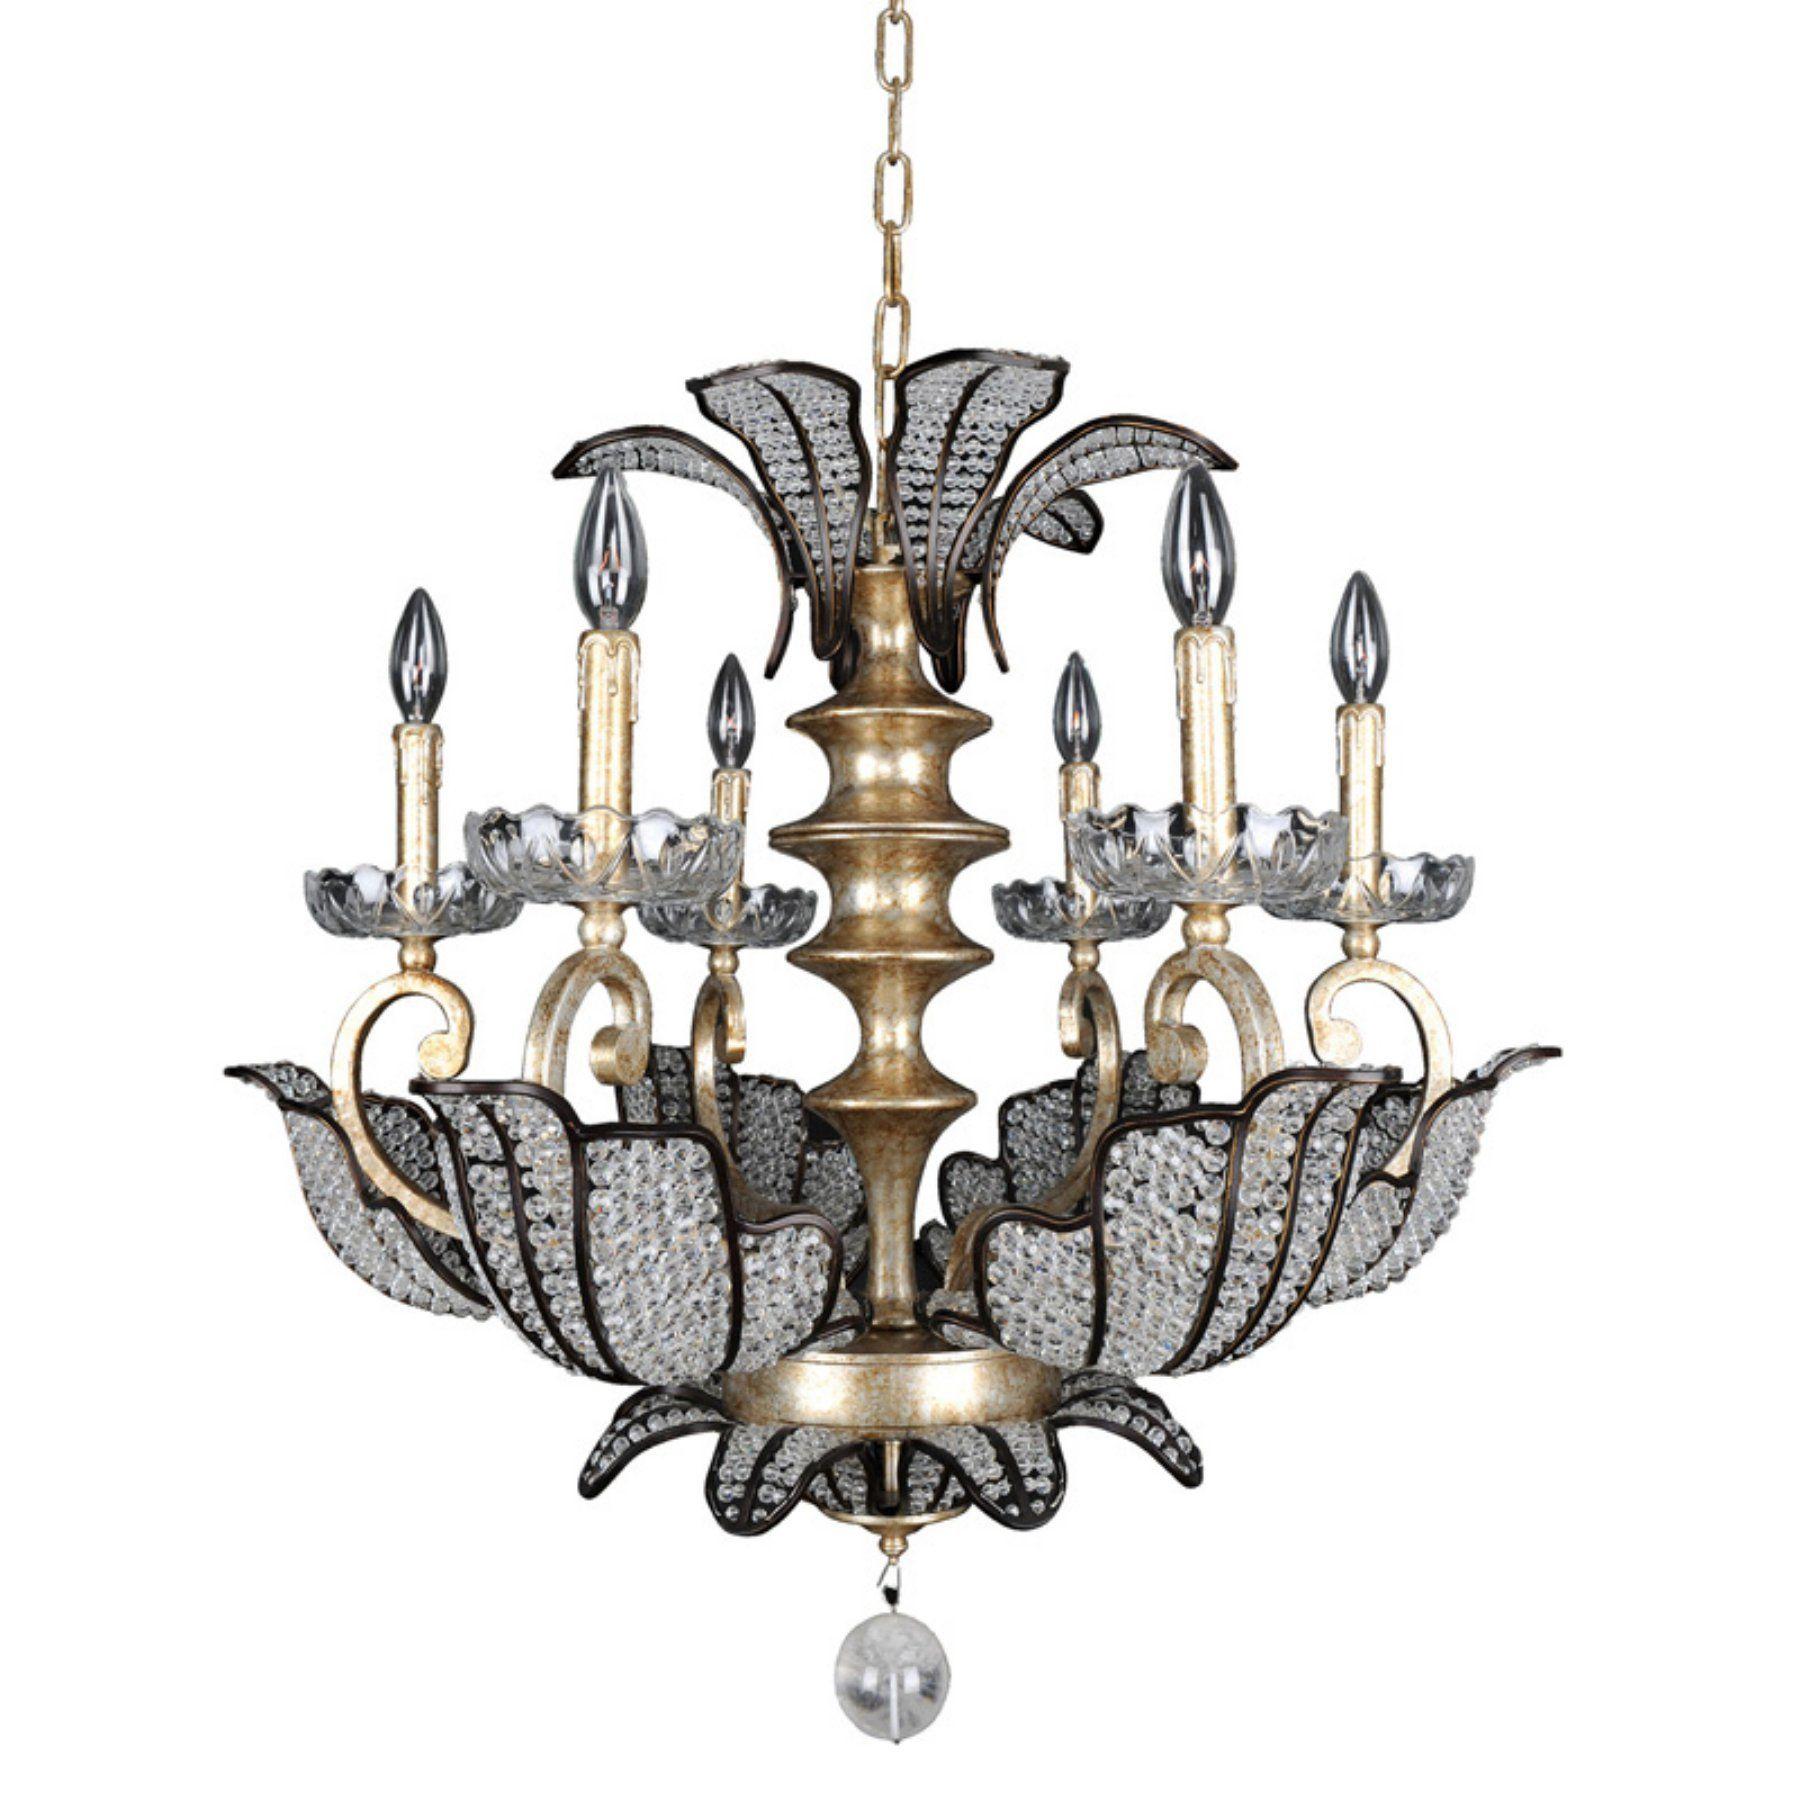 allegri by kalco lighting tiepolo 11256 028 chandelier 11256 028